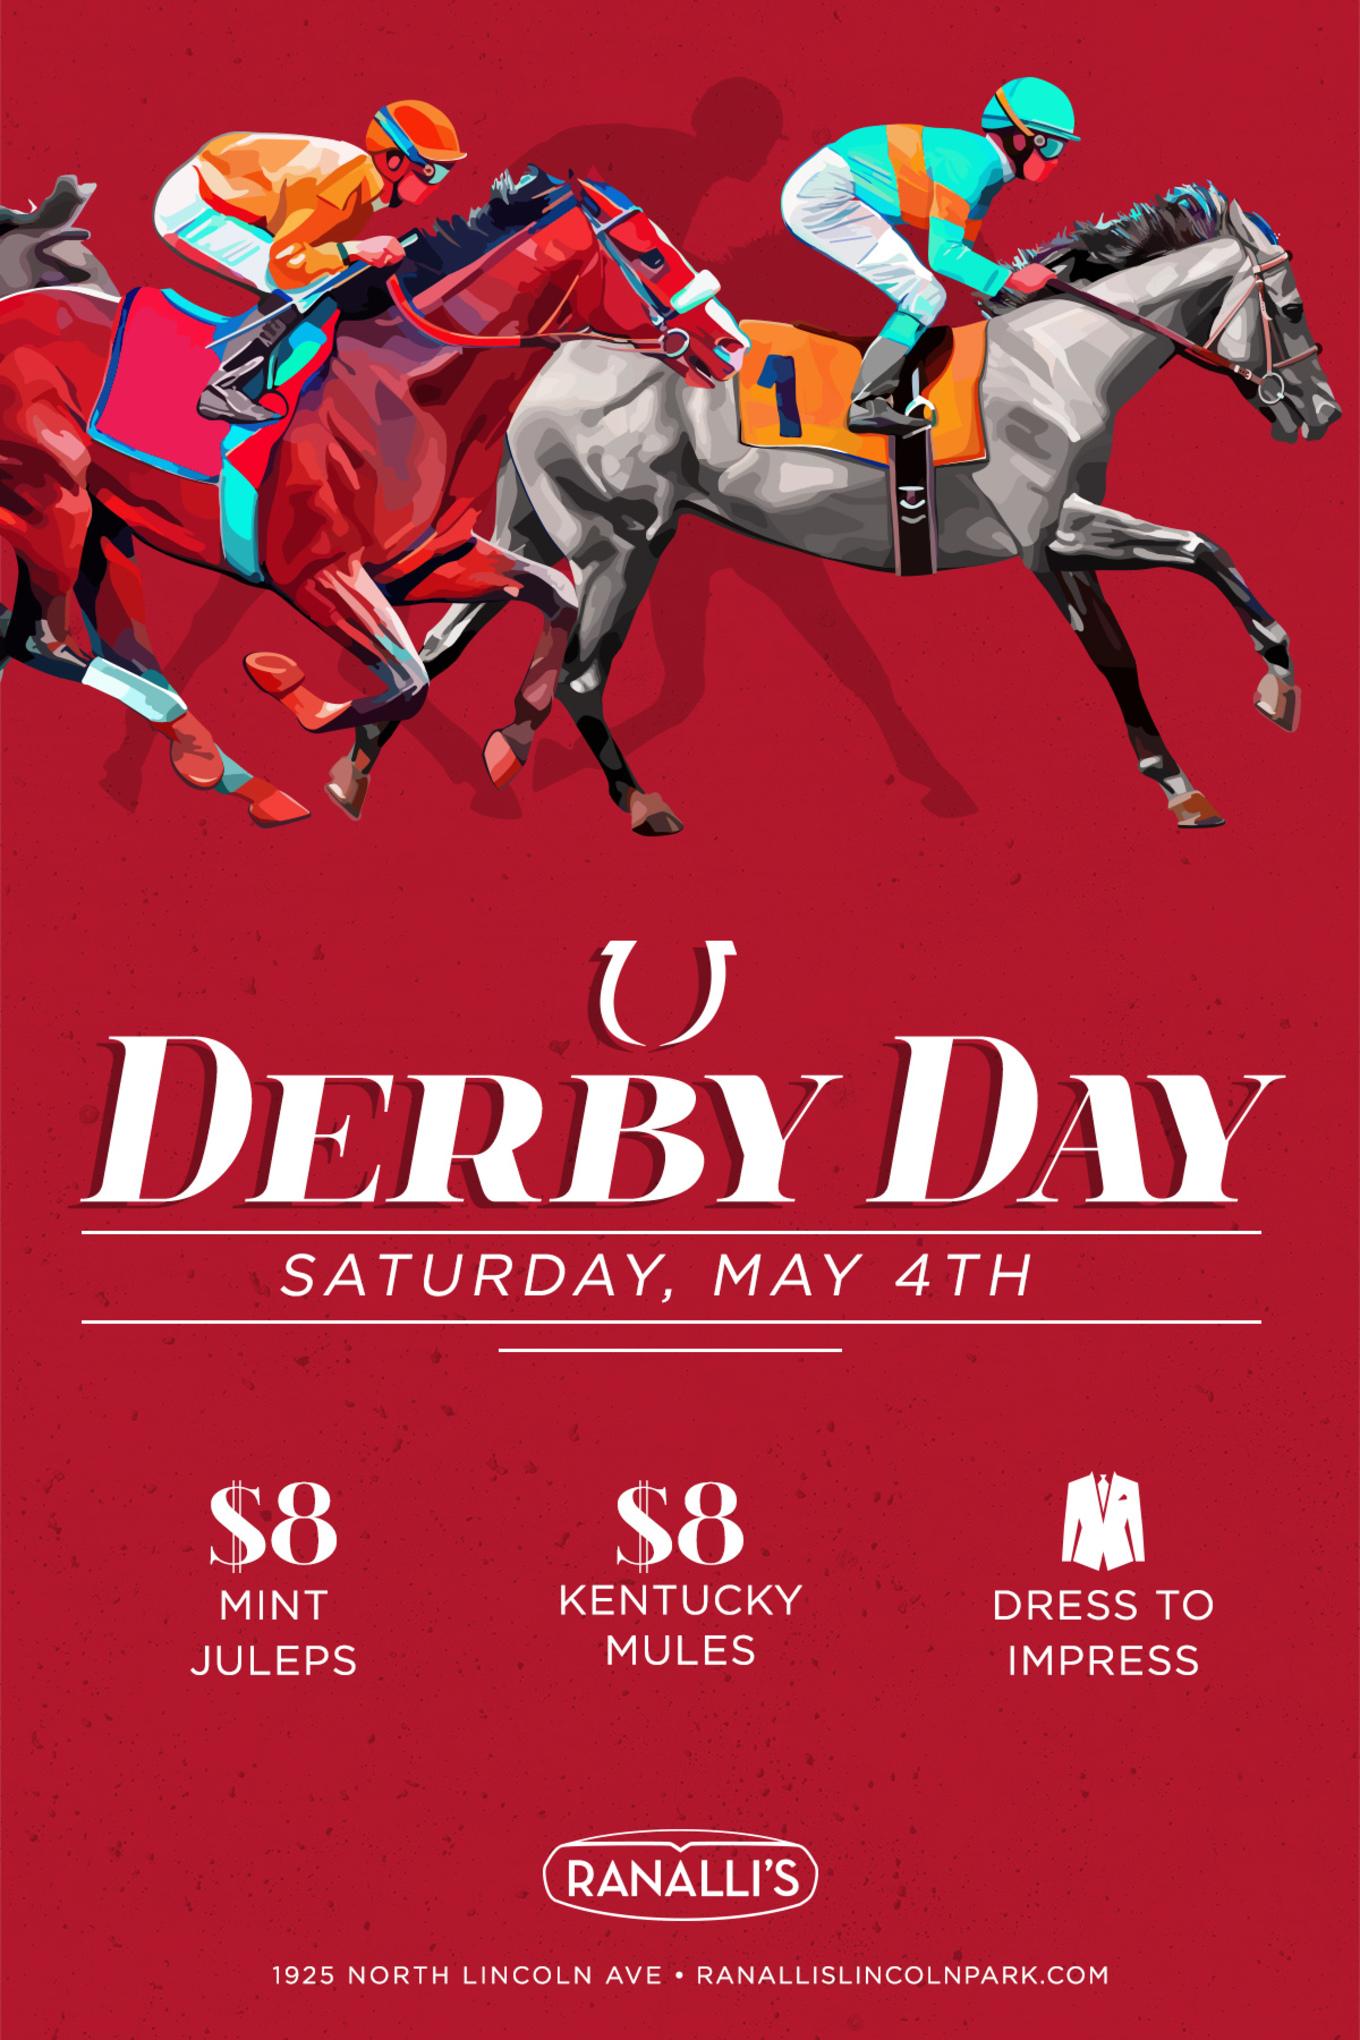 Derby Day 2019 at Ranalli's